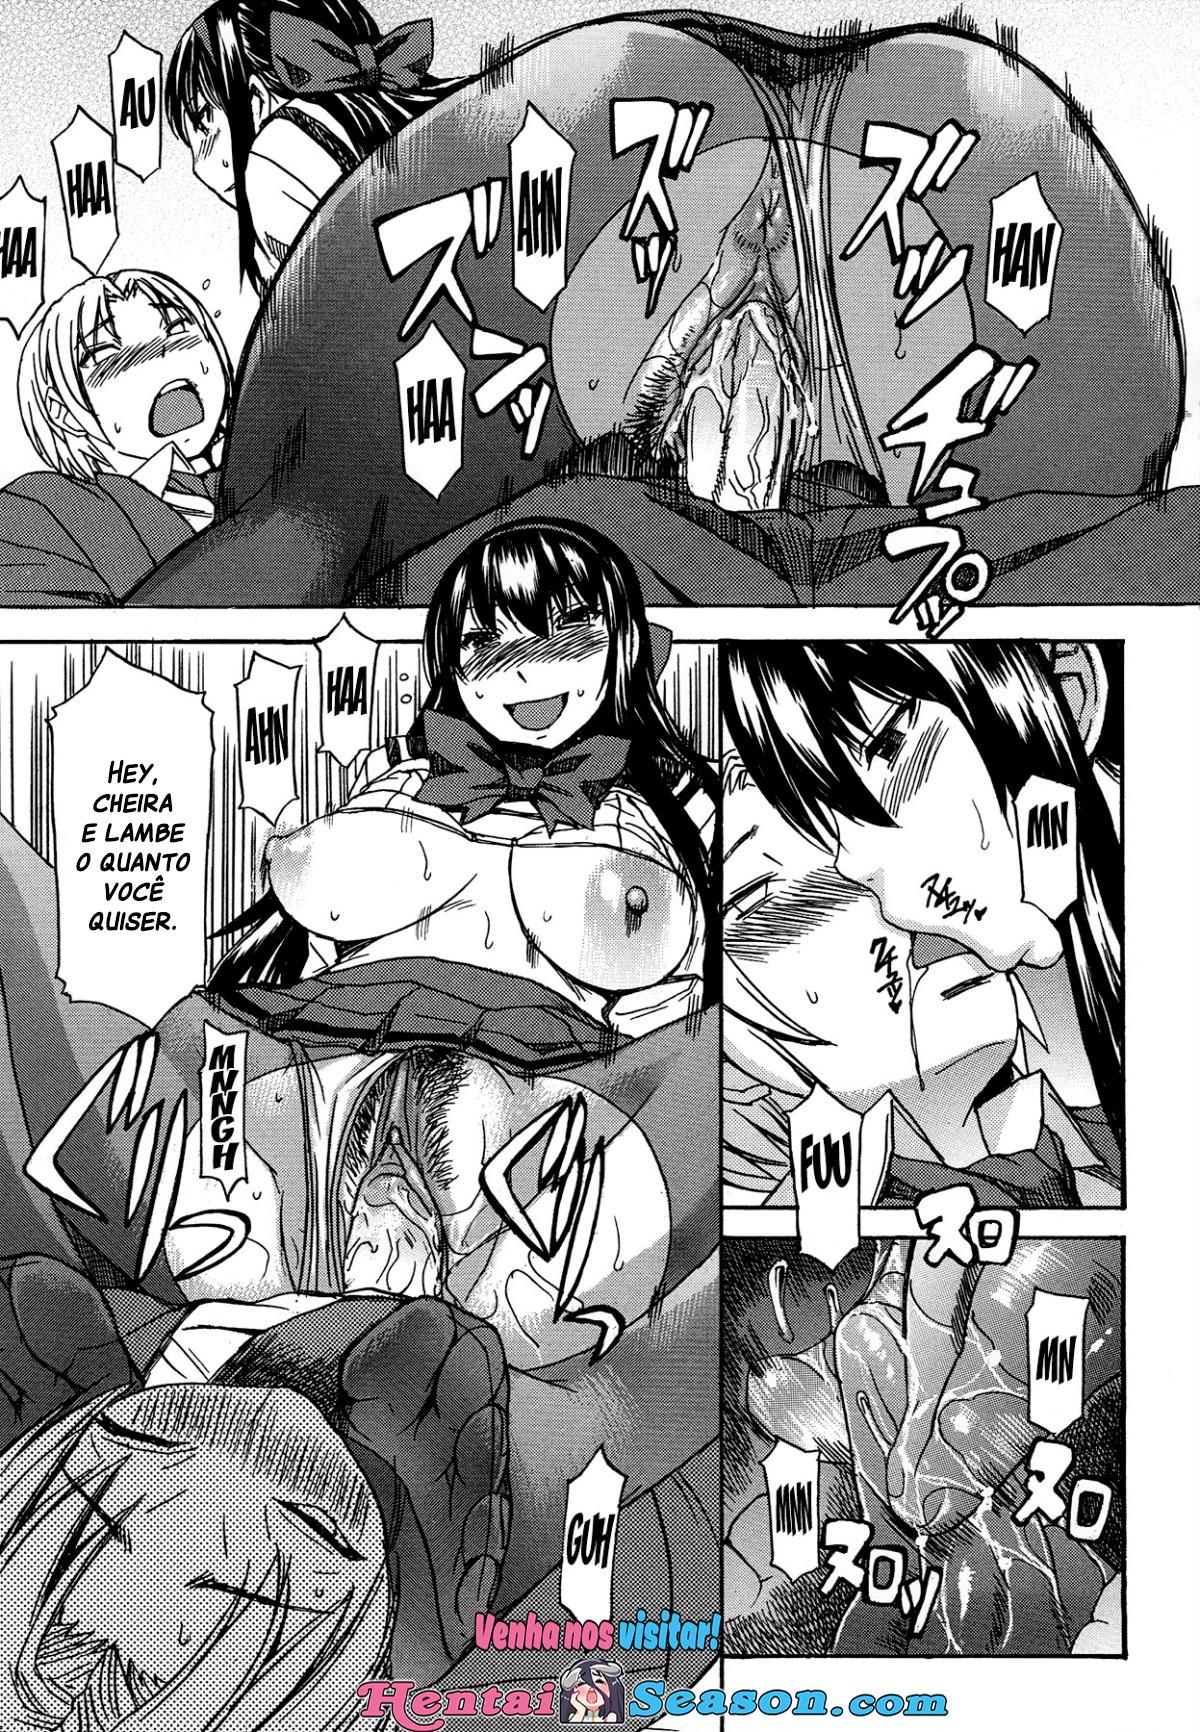 Ashigami Capitulo 5 - pagina 23